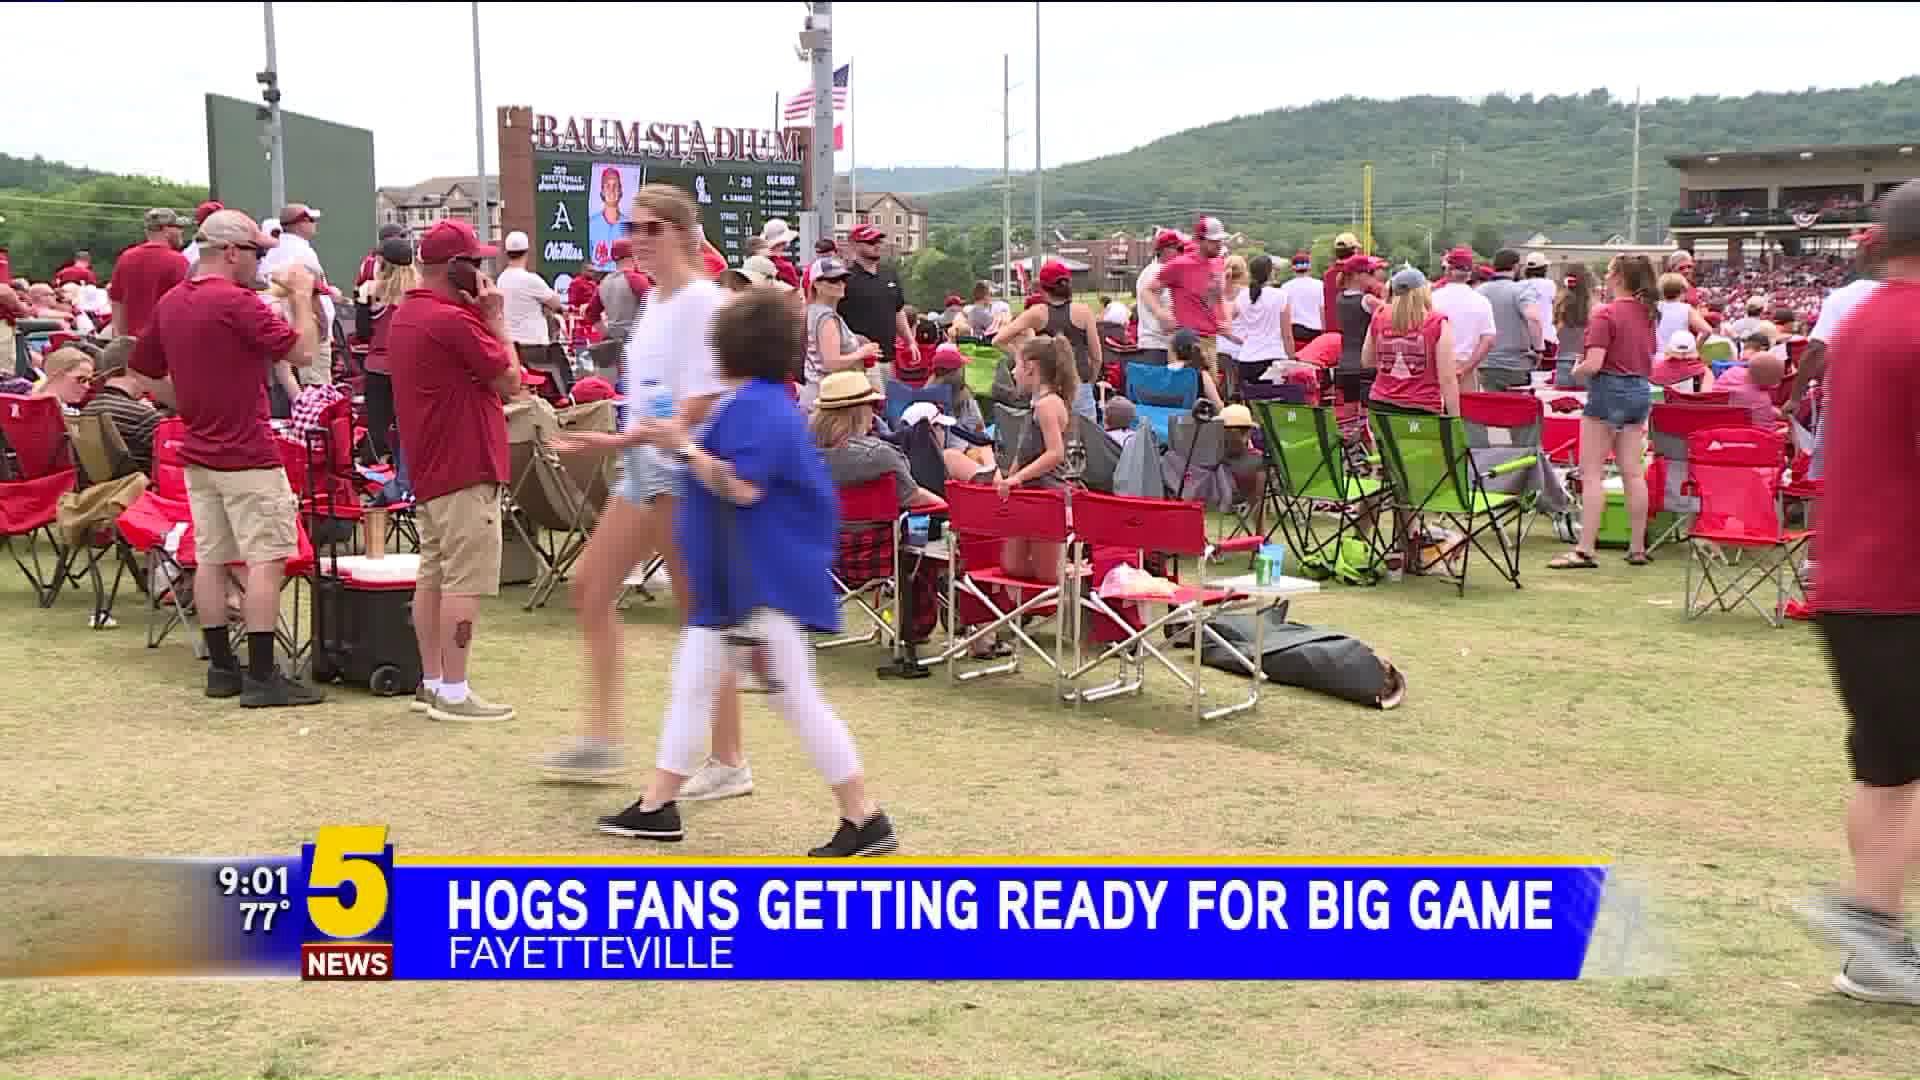 Hog Fans Pack Baum Walker Stadium For Super Regionals In Fayetteville